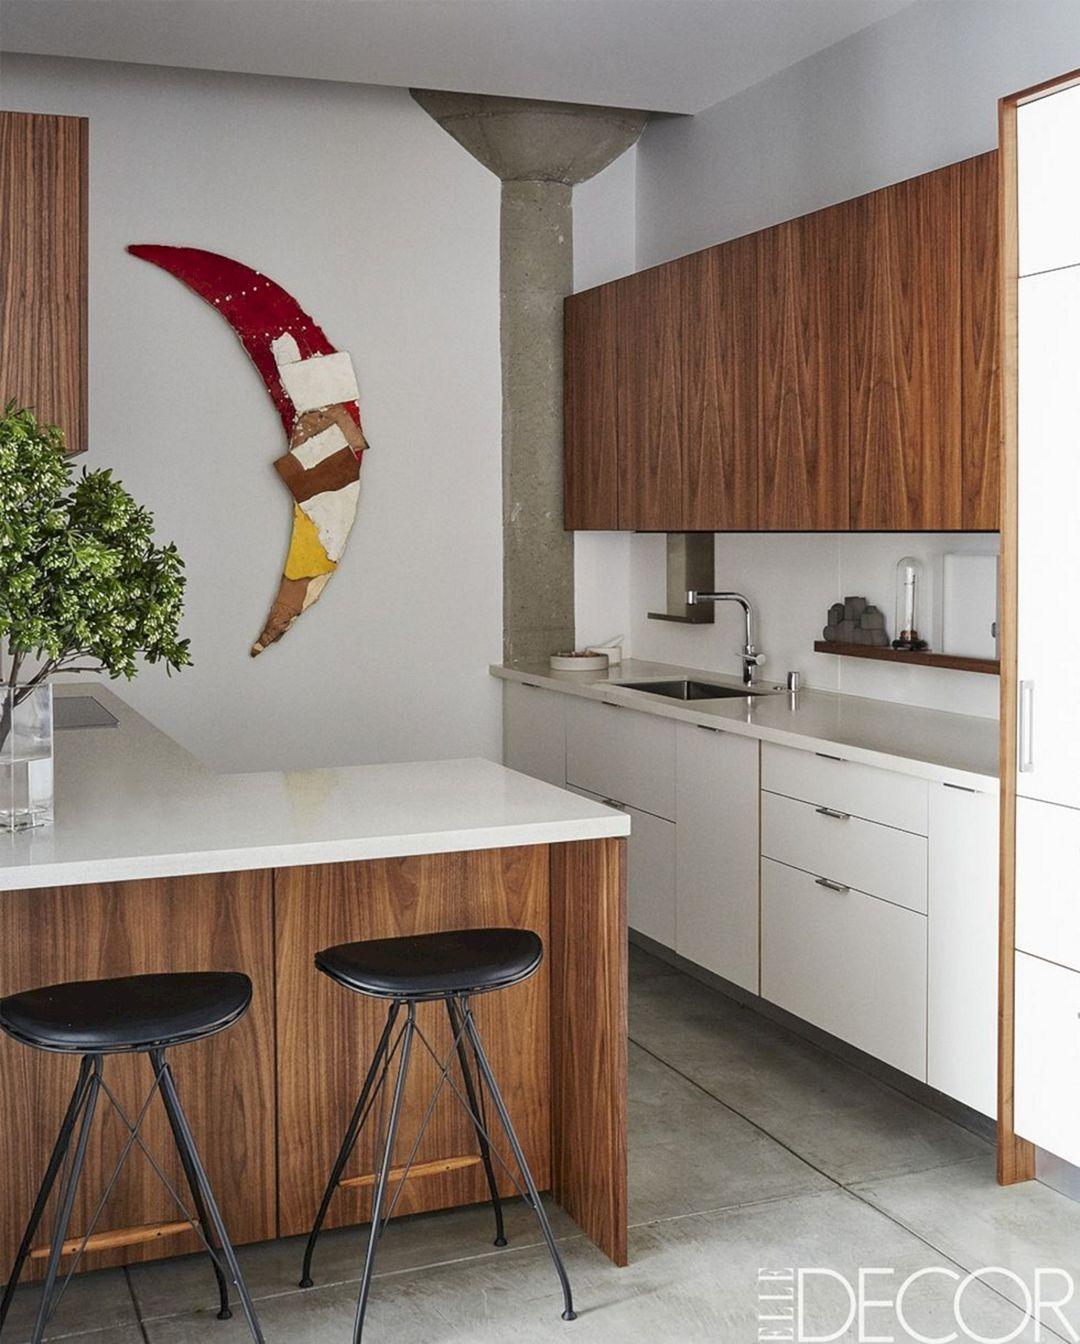 Top Amazing Small Kitchen Ideas For Big Taste: 70+ Best Design Ideas Https: